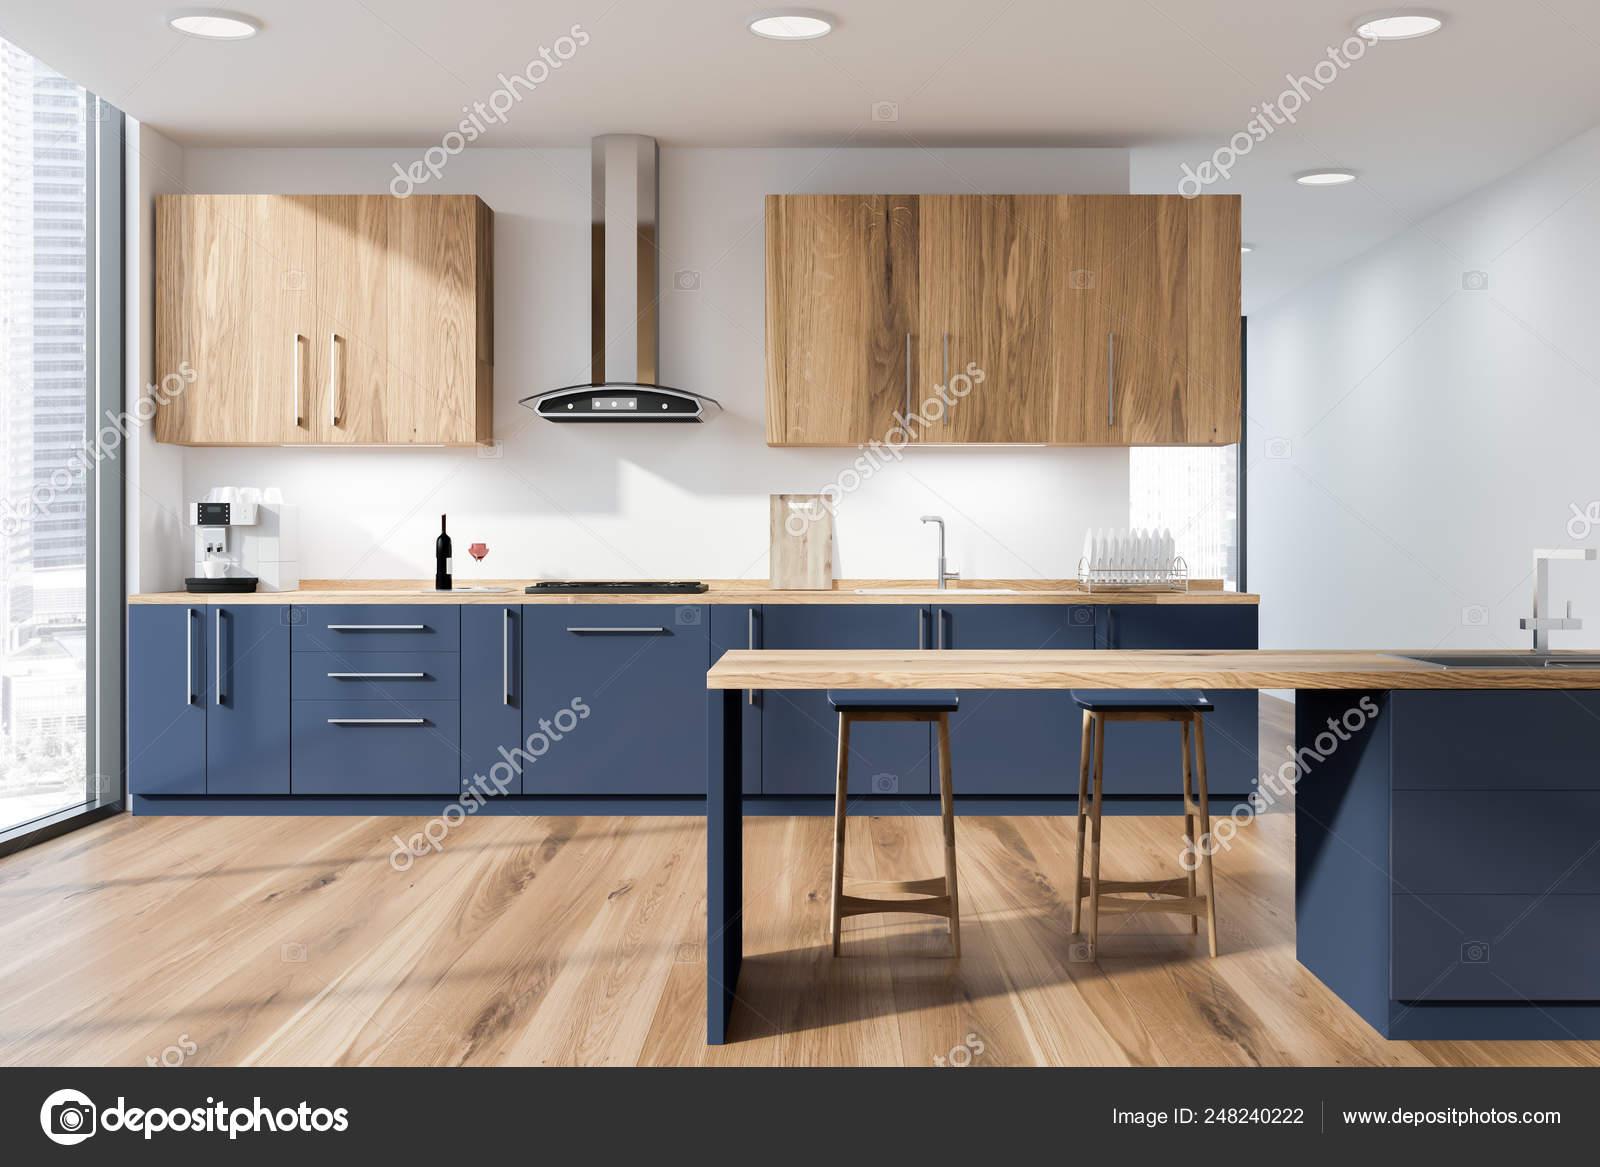 Witte Keuken Interieur Met Bar Stockfoto Rechtenvrije Foto Door C Denisismagilov 248240222